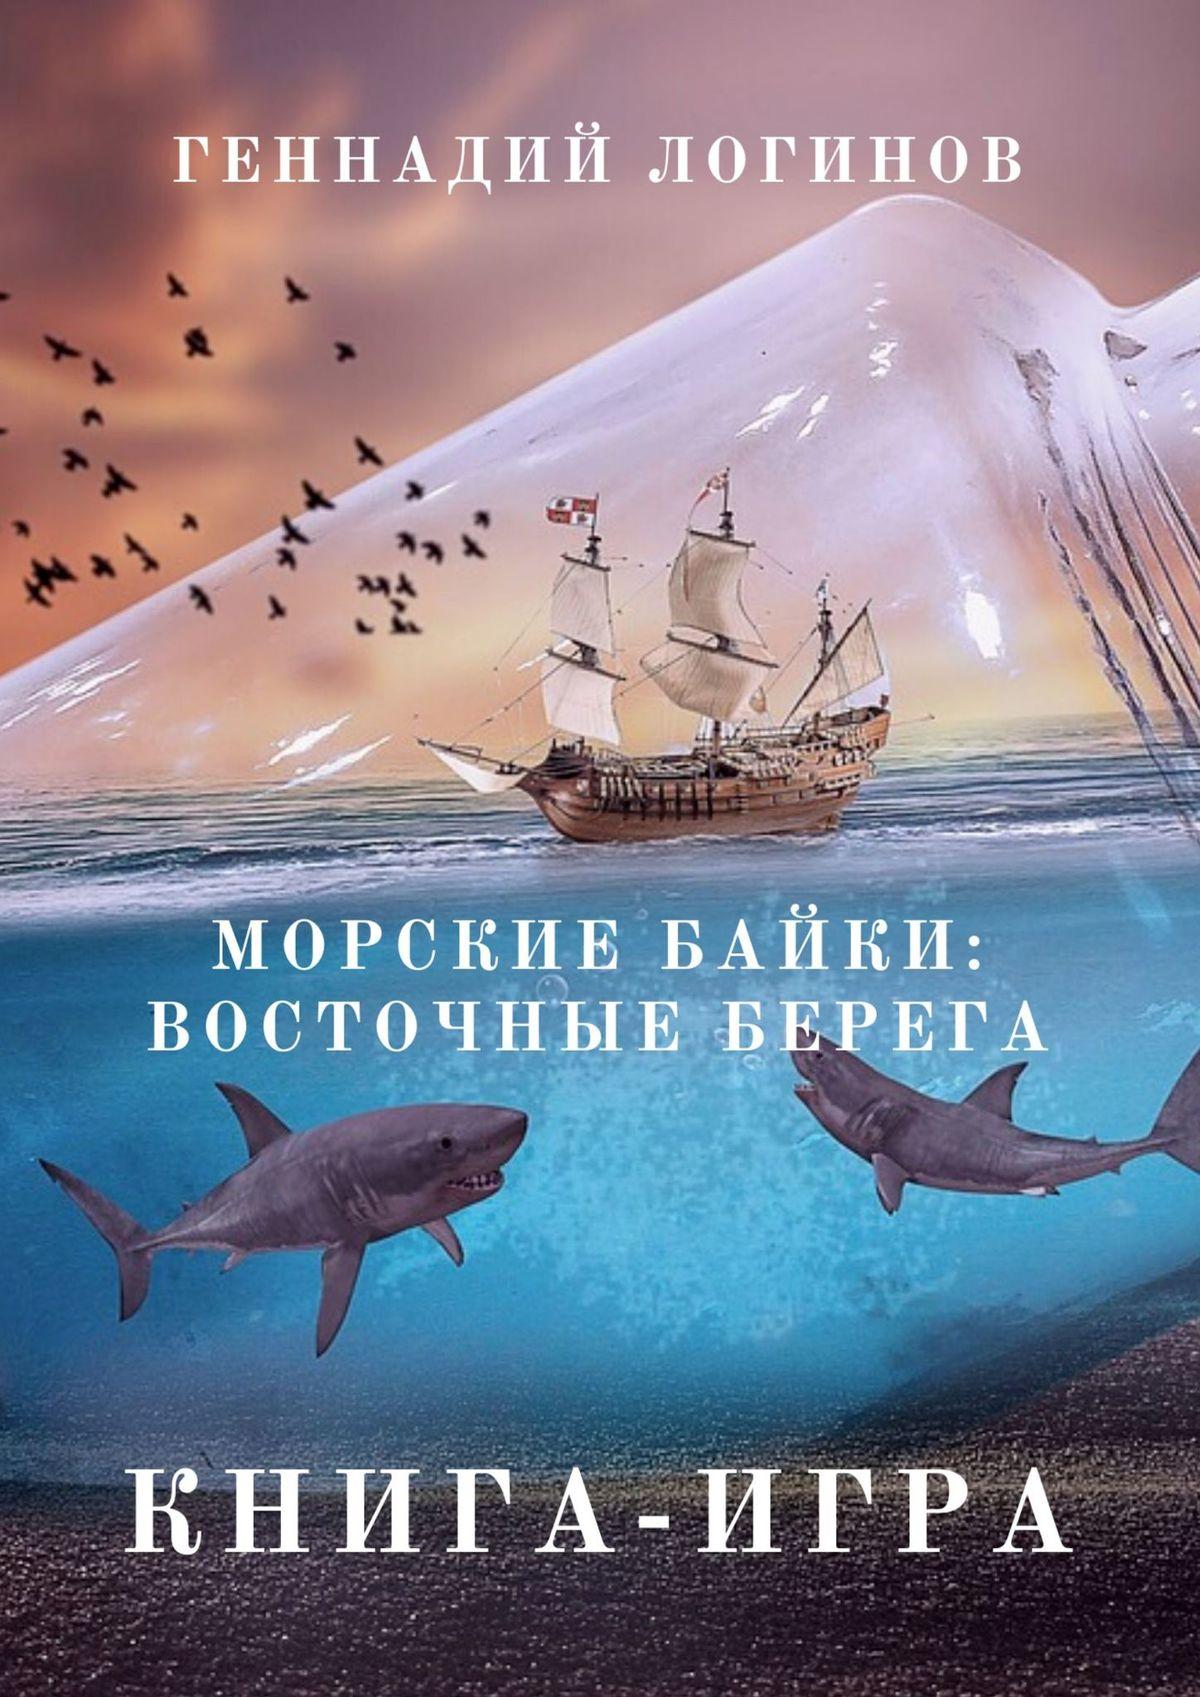 Морские байки: Восточные берега. Книга-игра